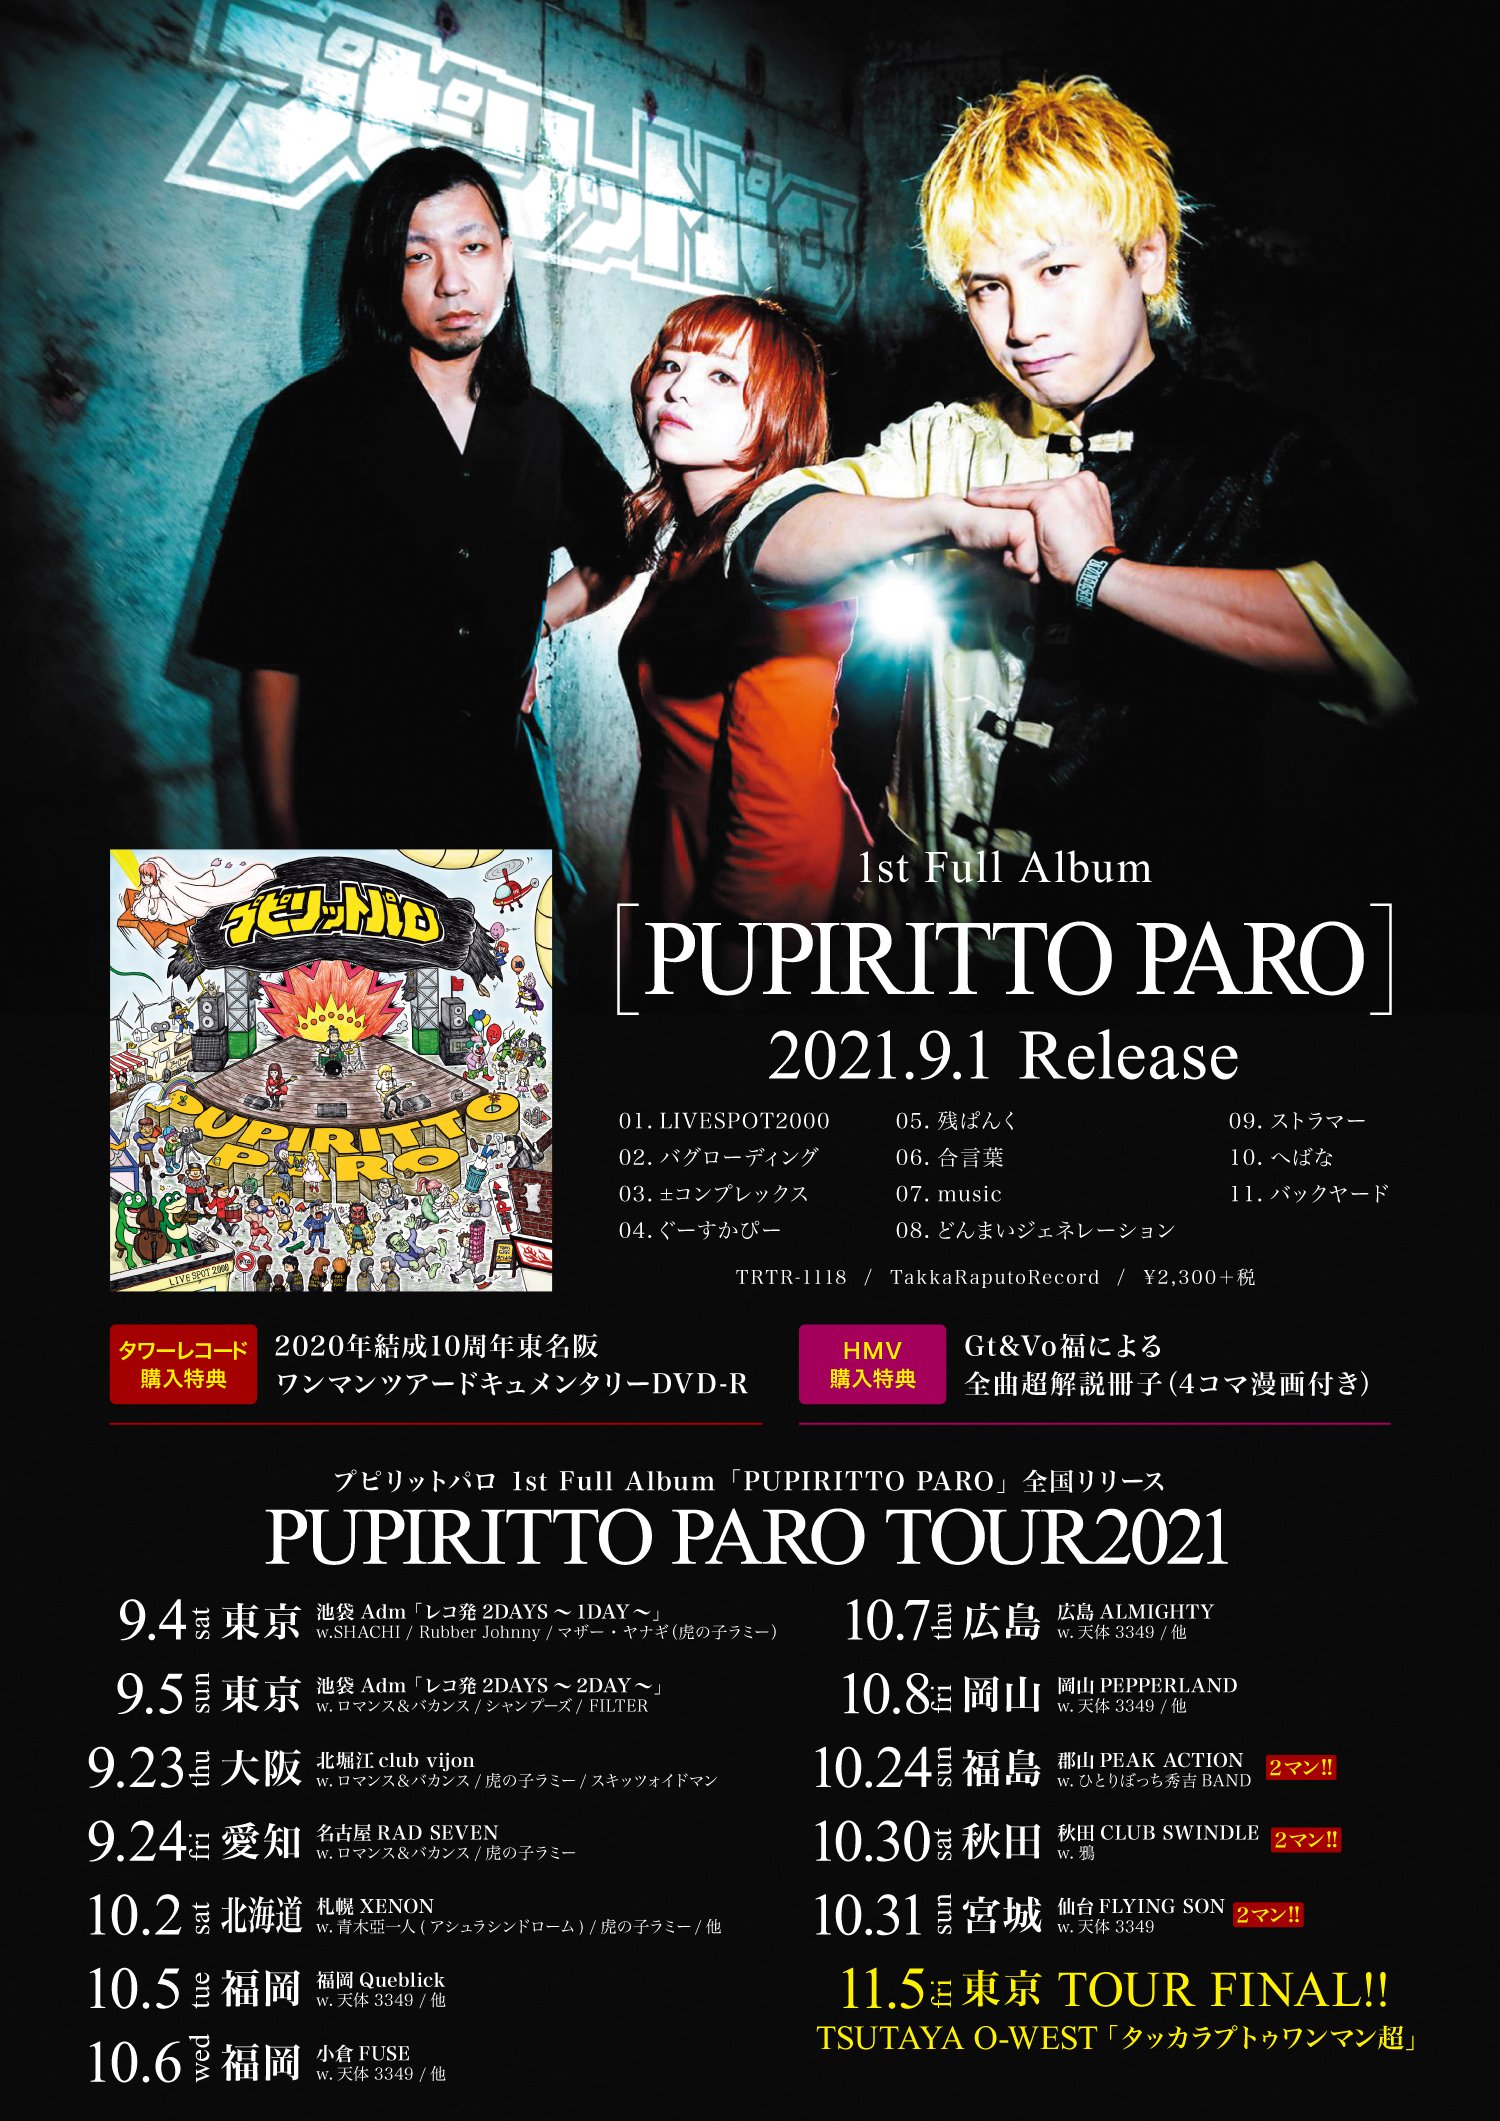 PUPIRITTO PARO TOUR 2021